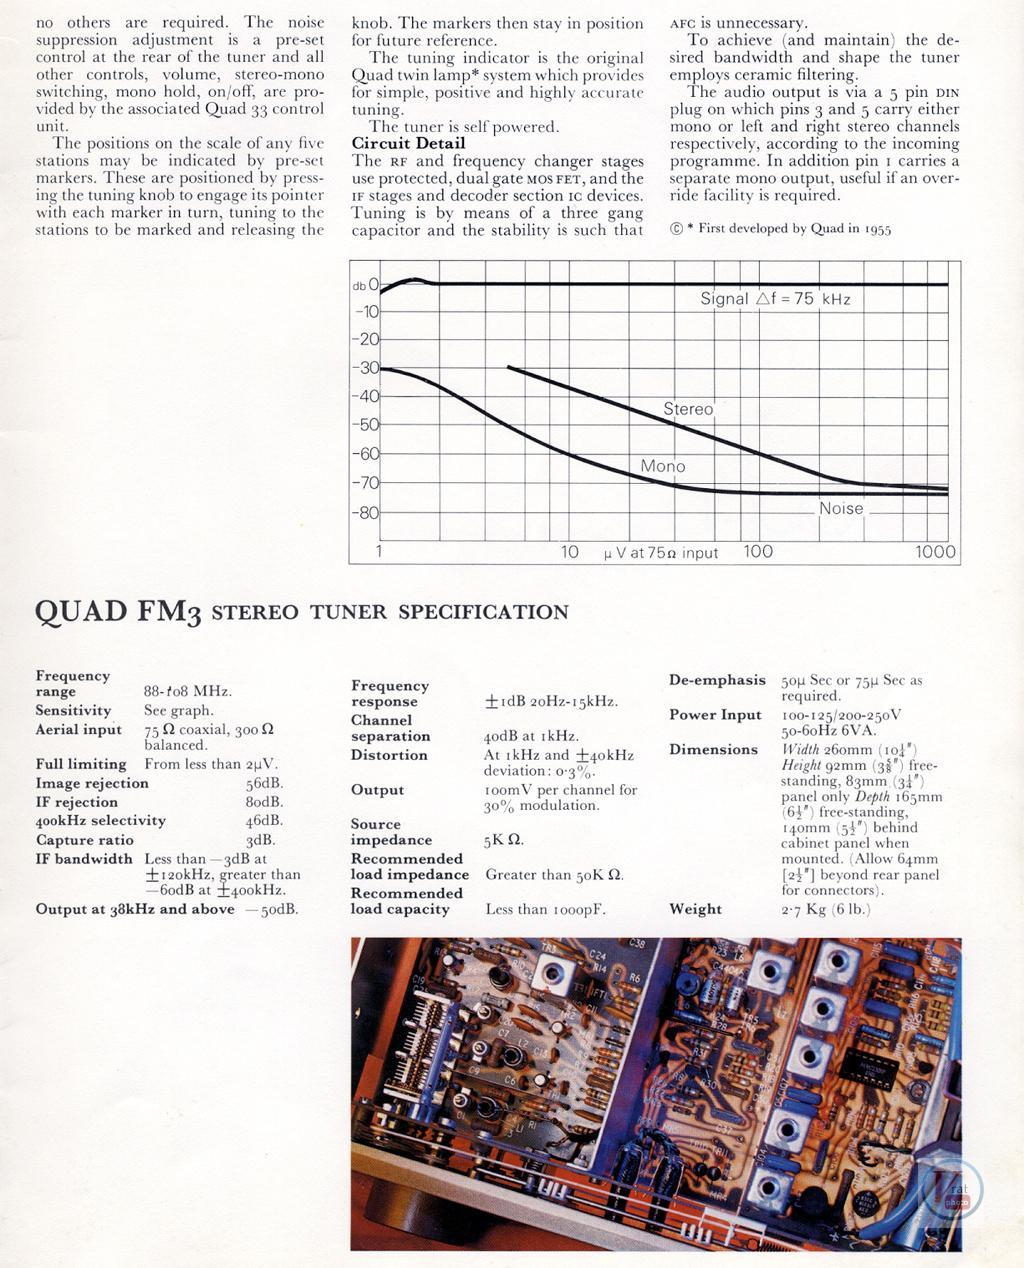 Quad FM3 8